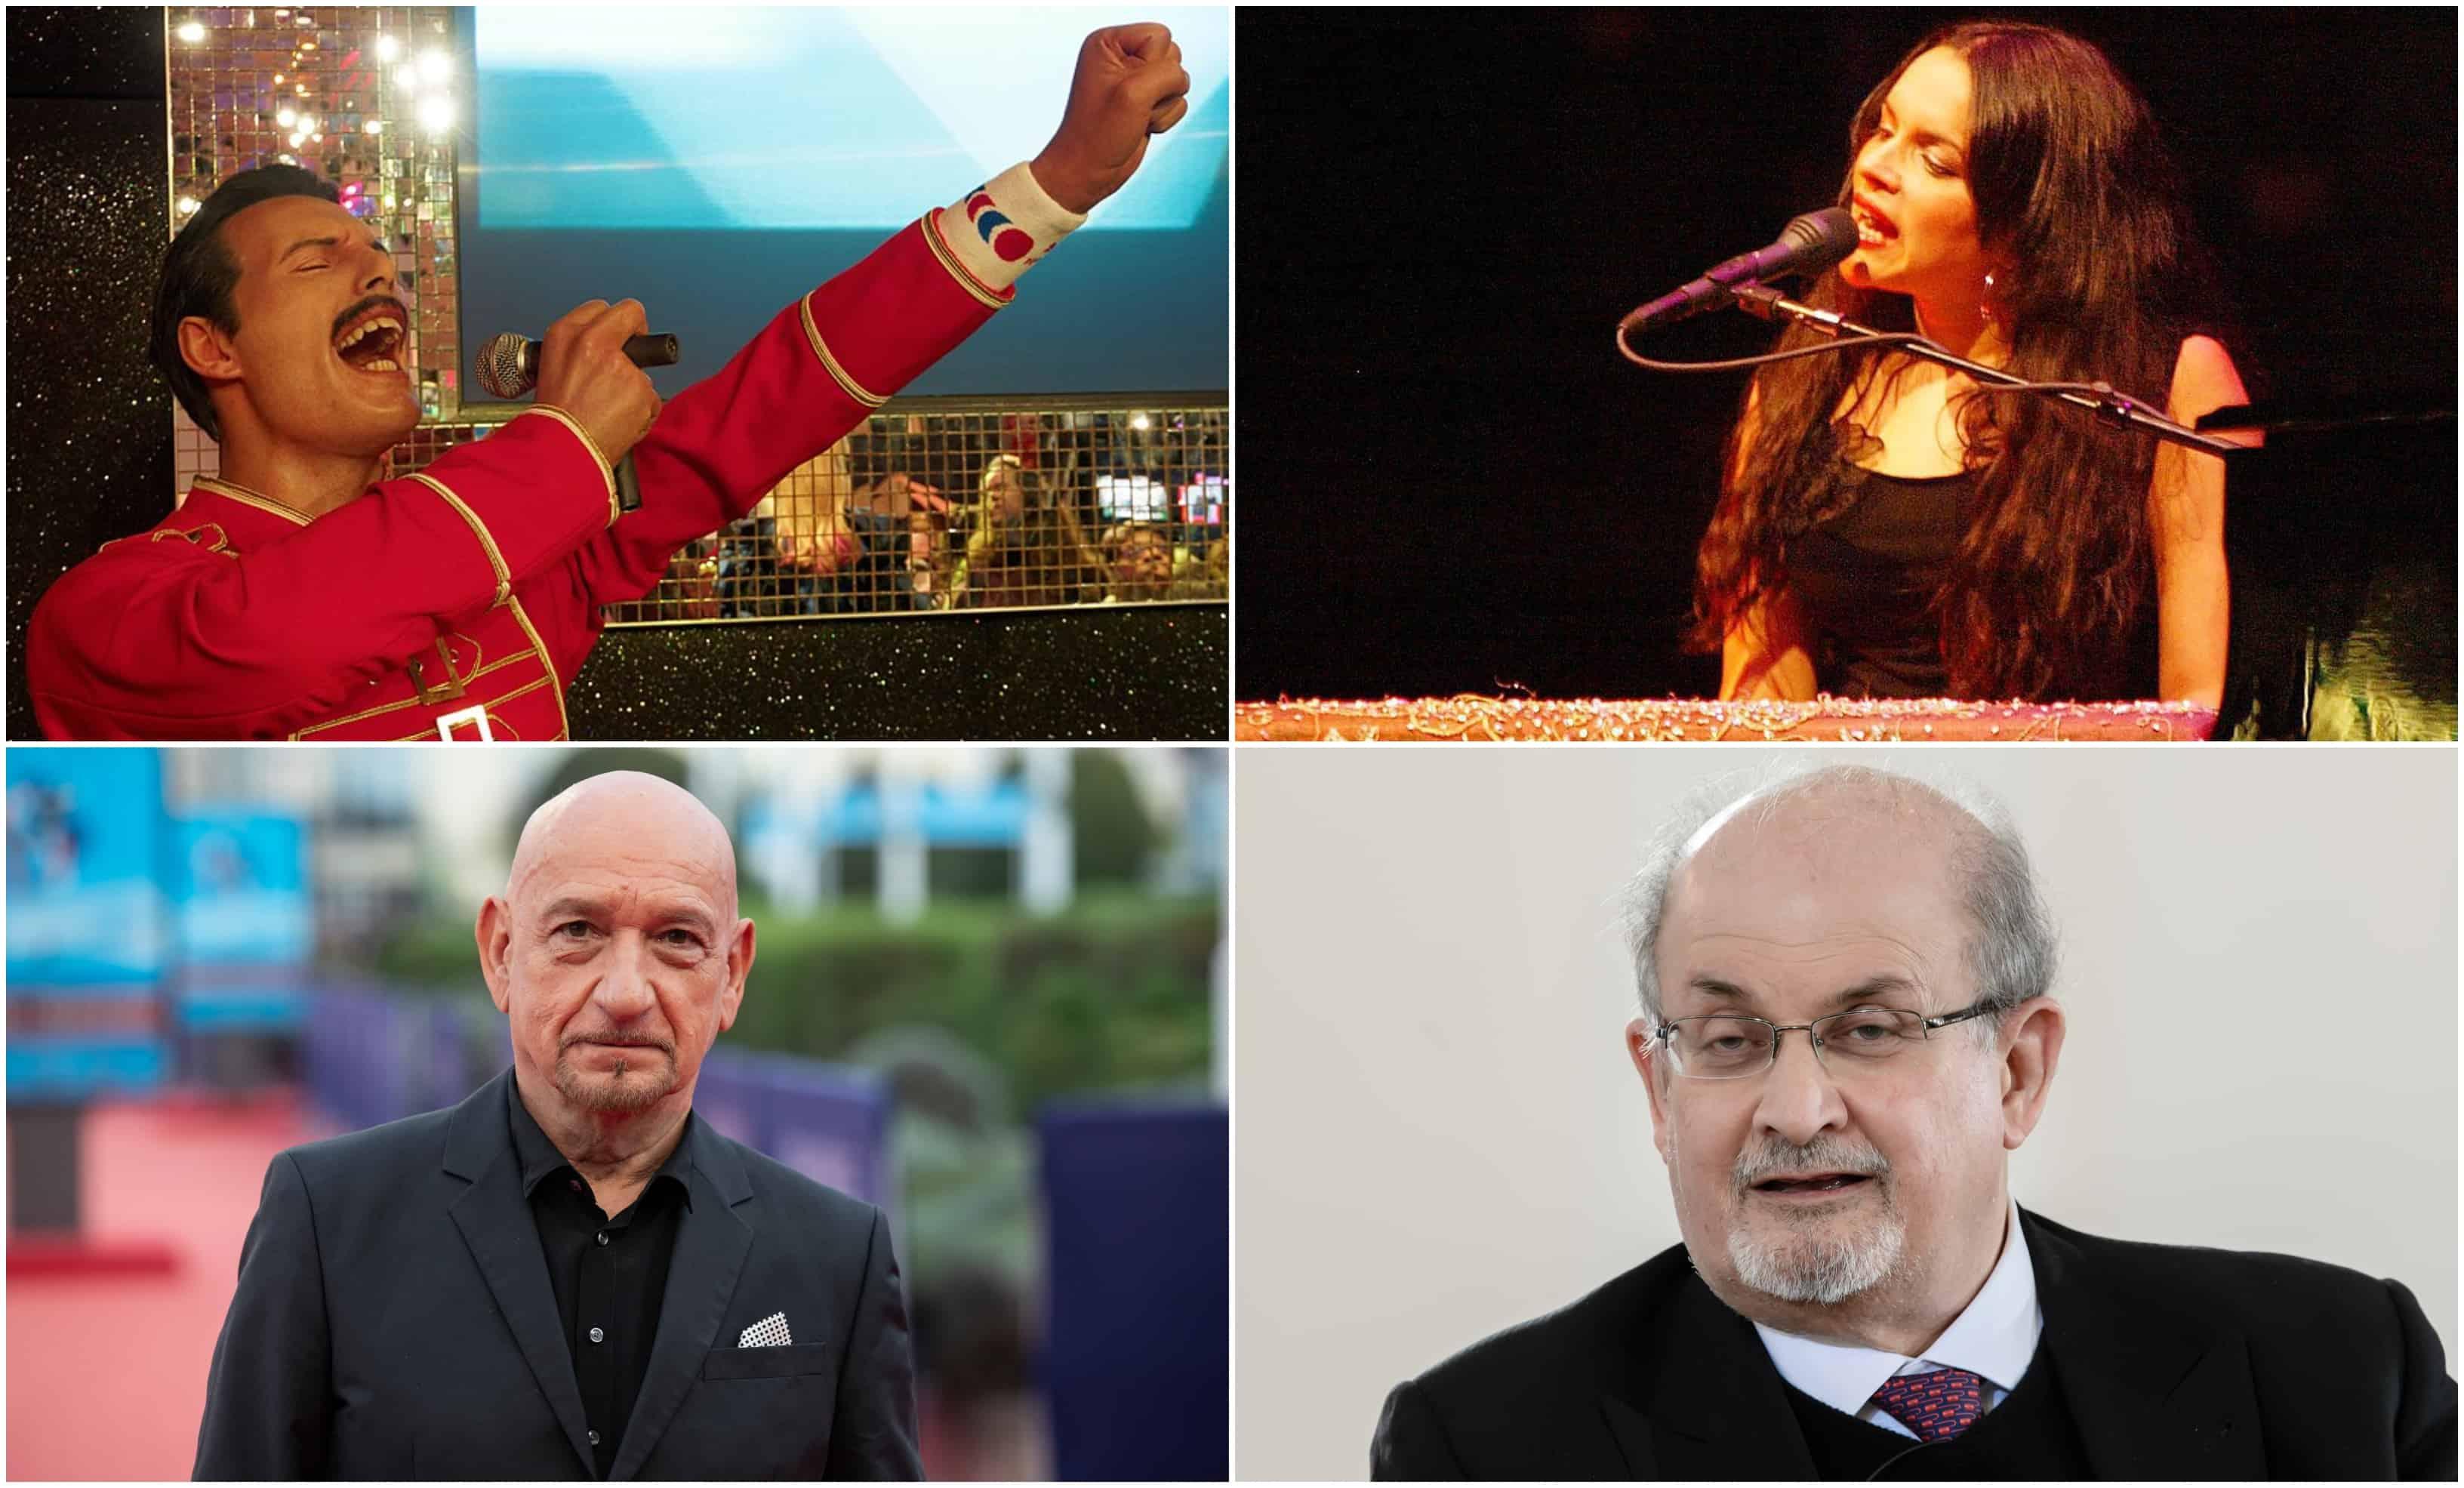 Un collage montre Freddy Mercury et Norah Jones en haut, et Ben Kingsley et Salman Rushdie en bas.